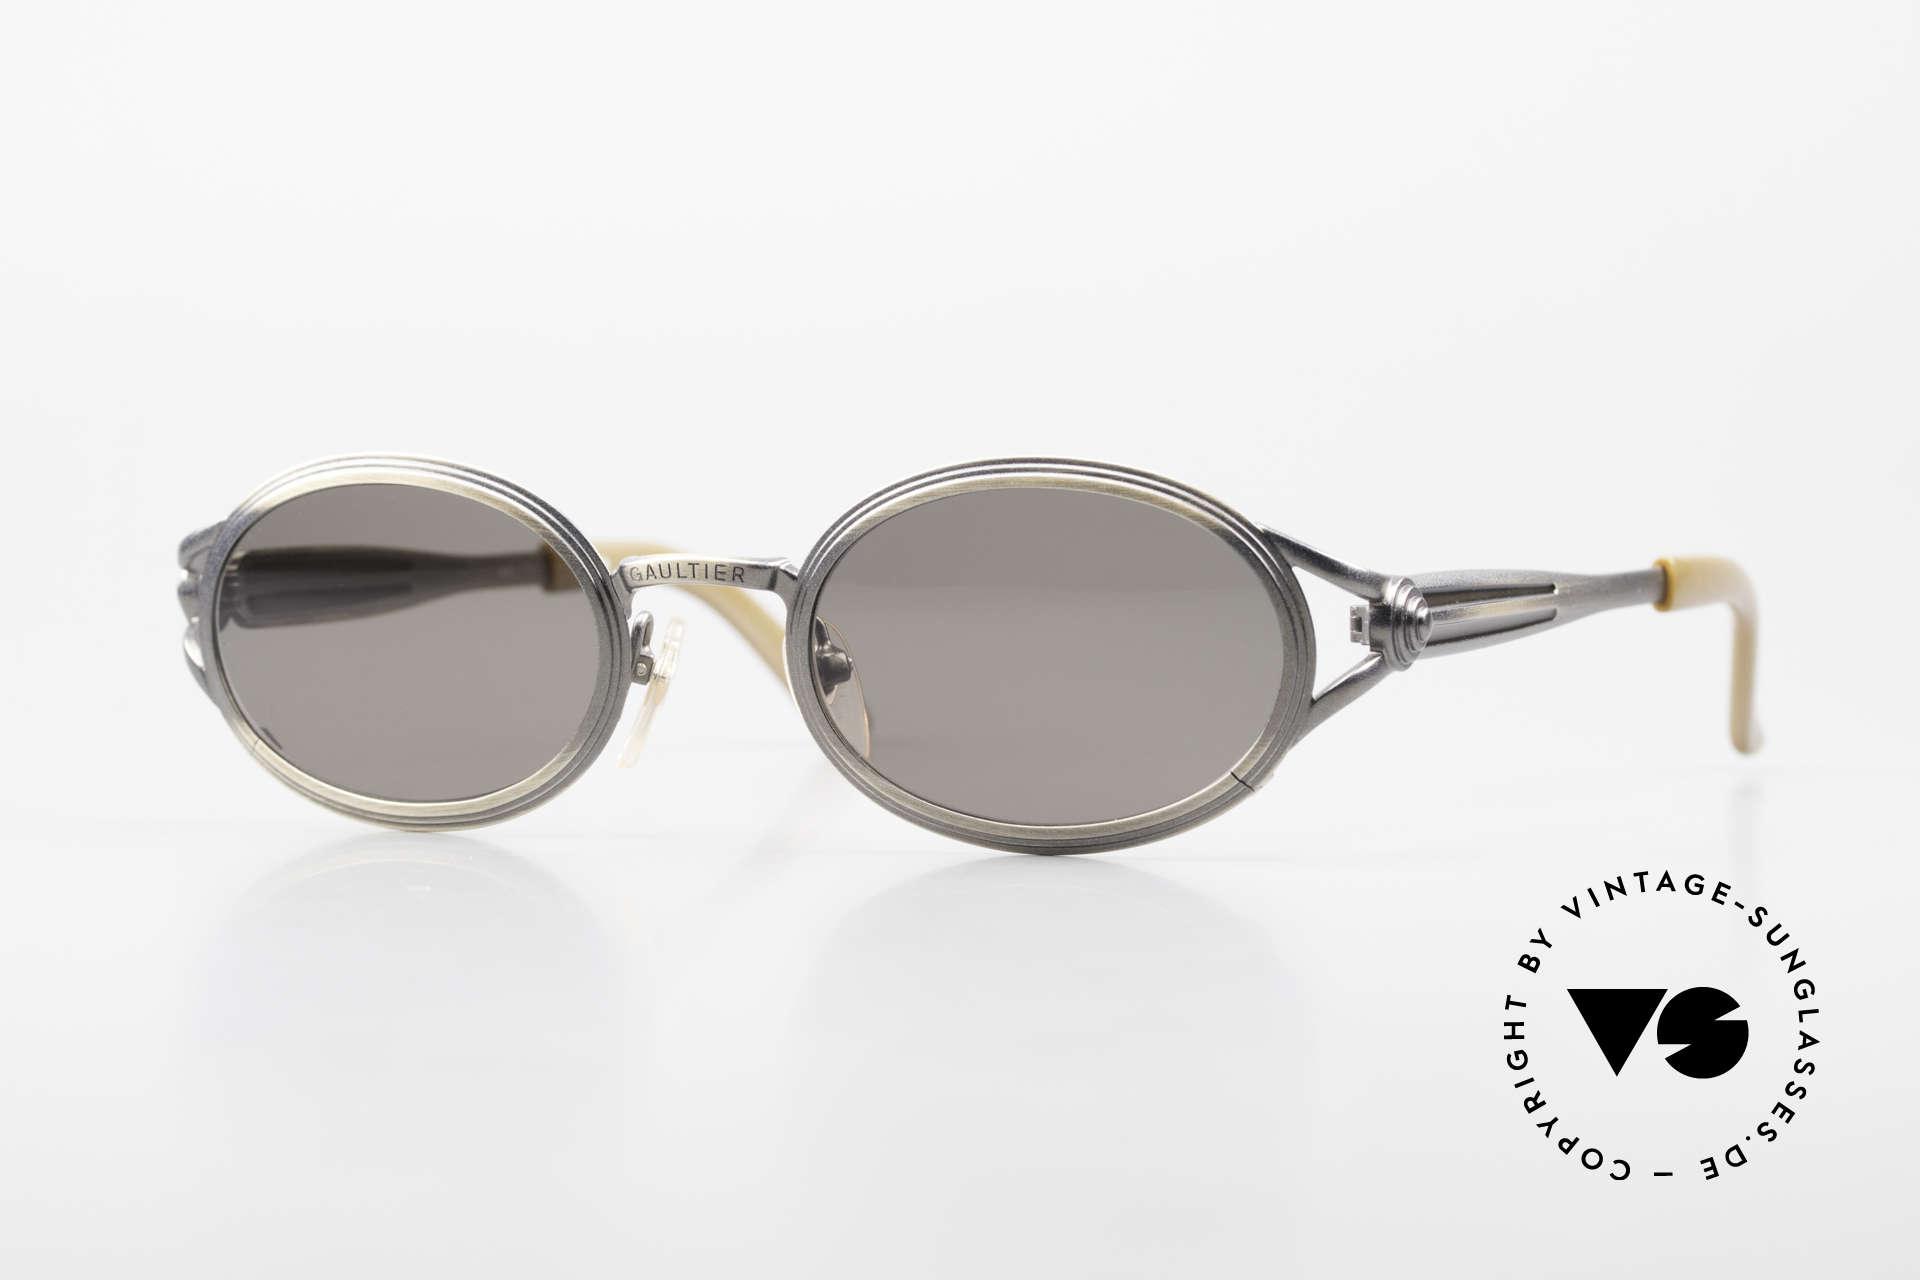 Jean Paul Gaultier 56-7114 Ovale Steampunk Sonnenbrille, vintage Gaultier Sonnenbrille aus den frühen 90ern, Passend für Herren und Damen